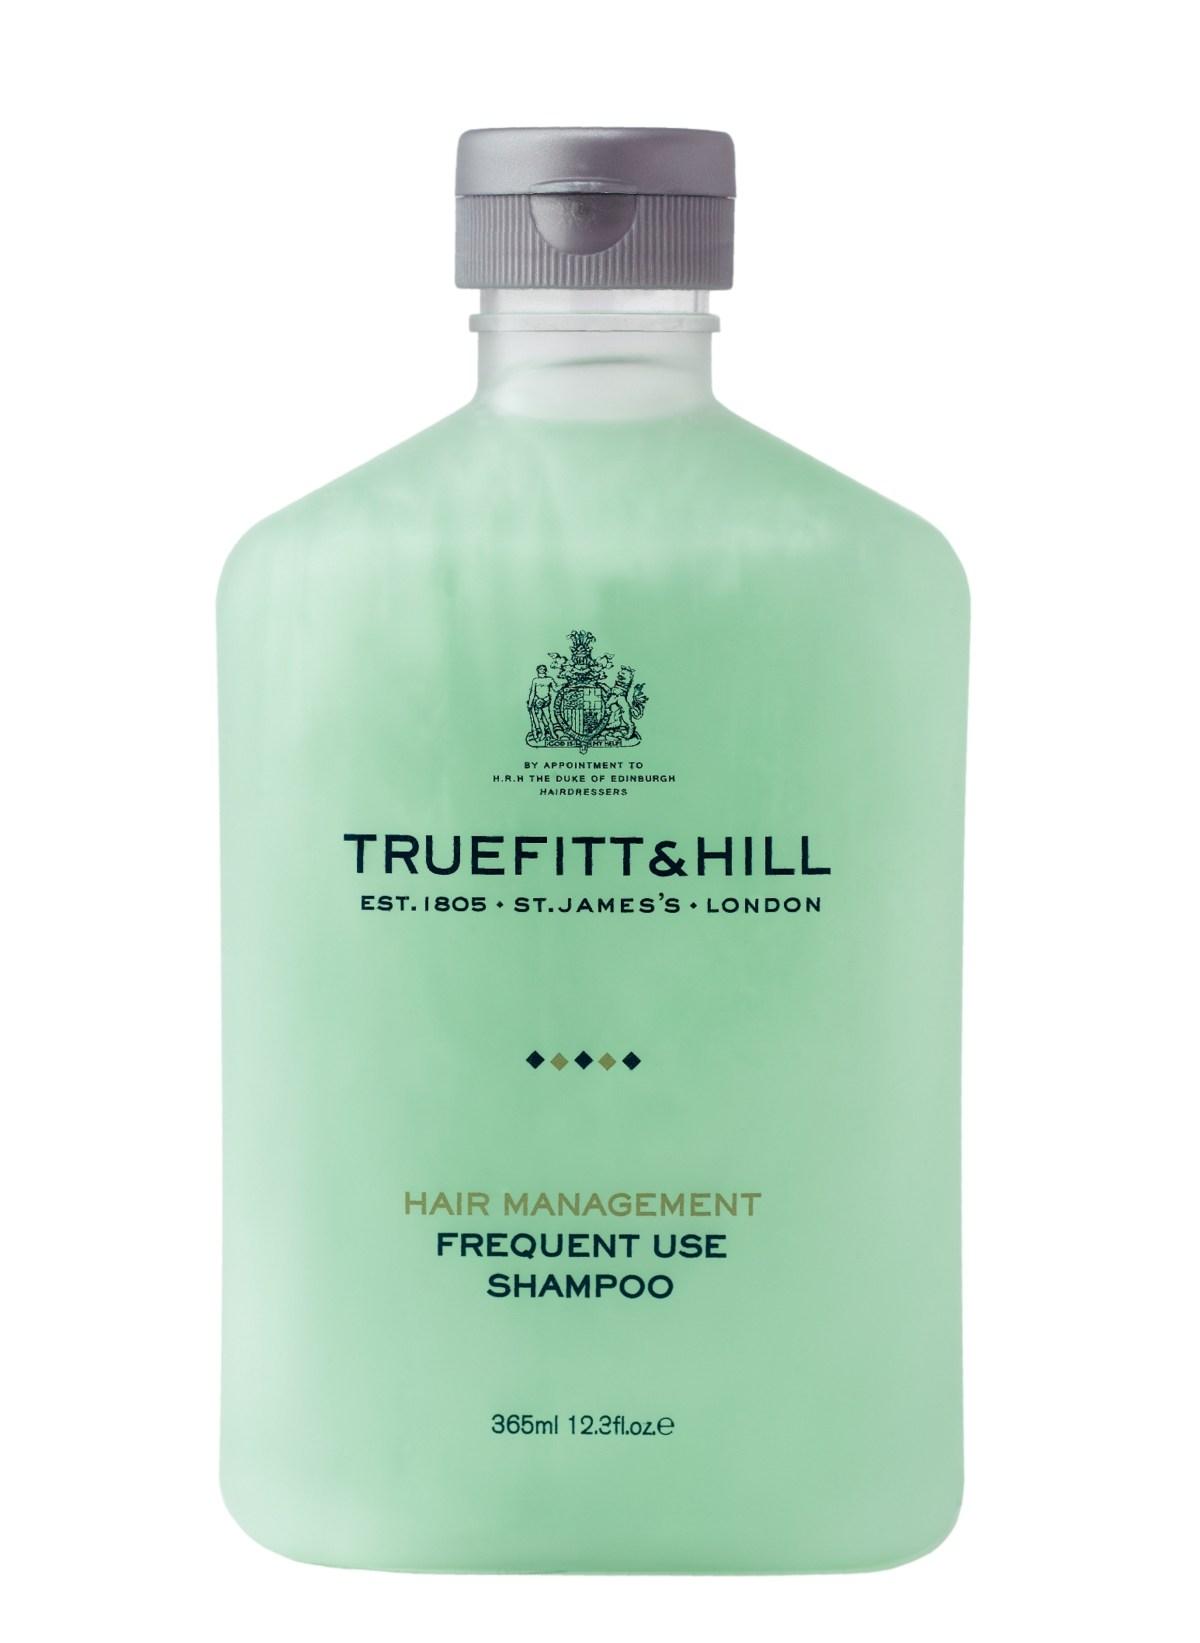 Truefitt & Hill Hair Management Frequent Use Shampoo